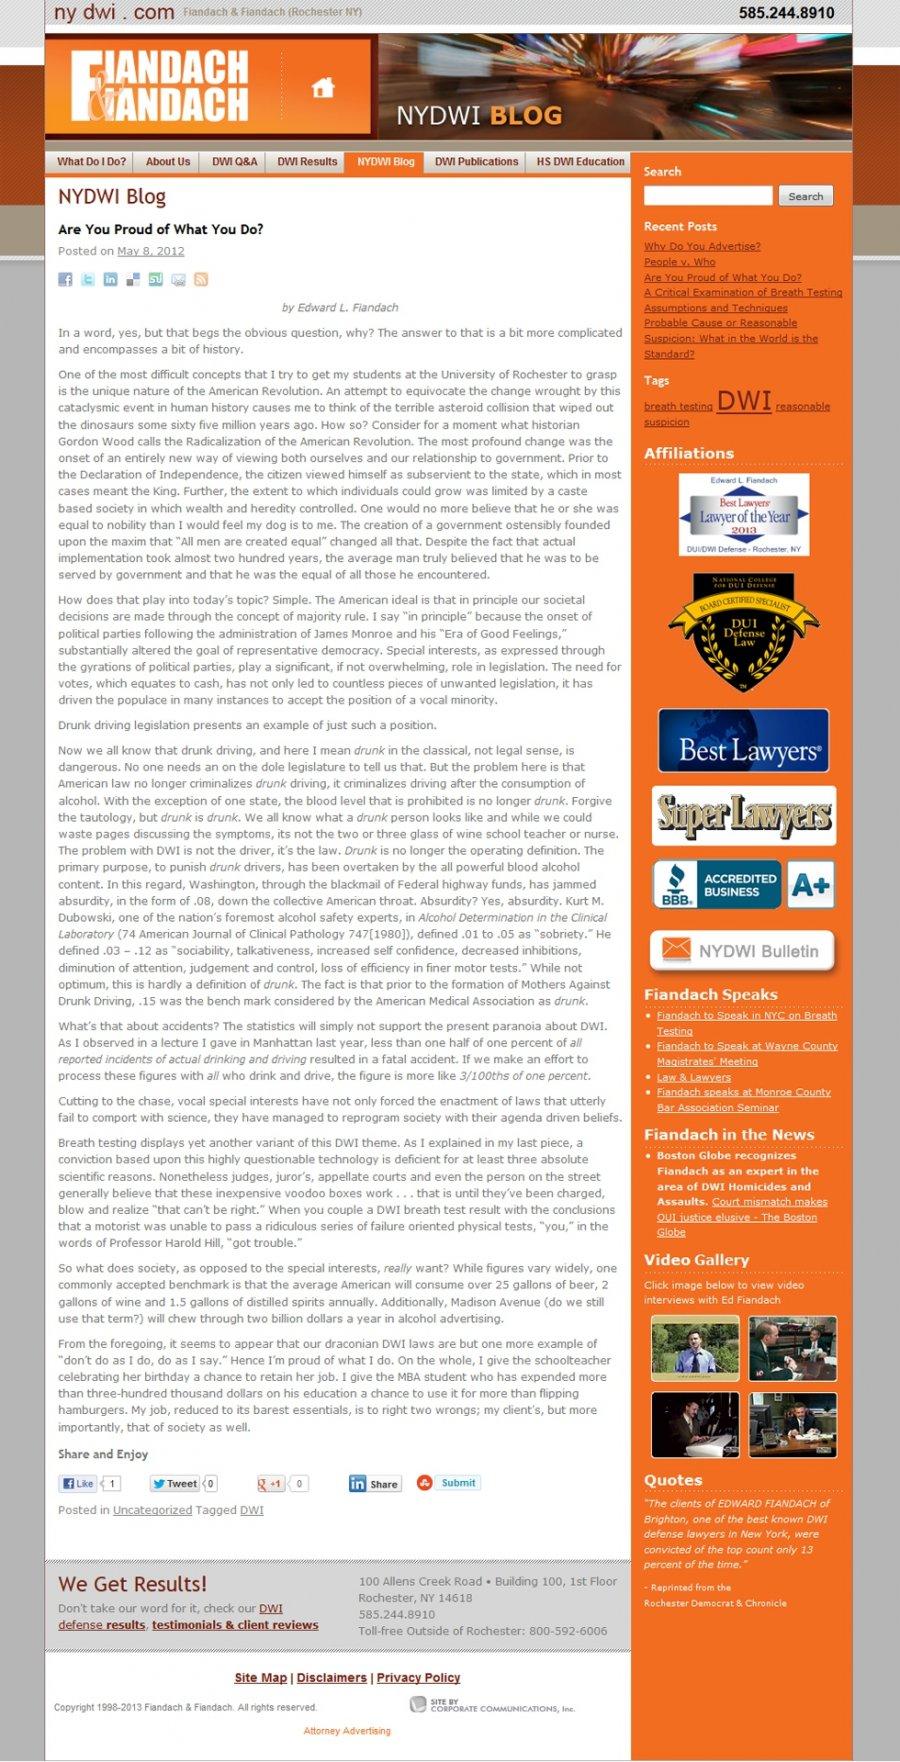 Fiandach & Fiandach Integrated Attorney Blog